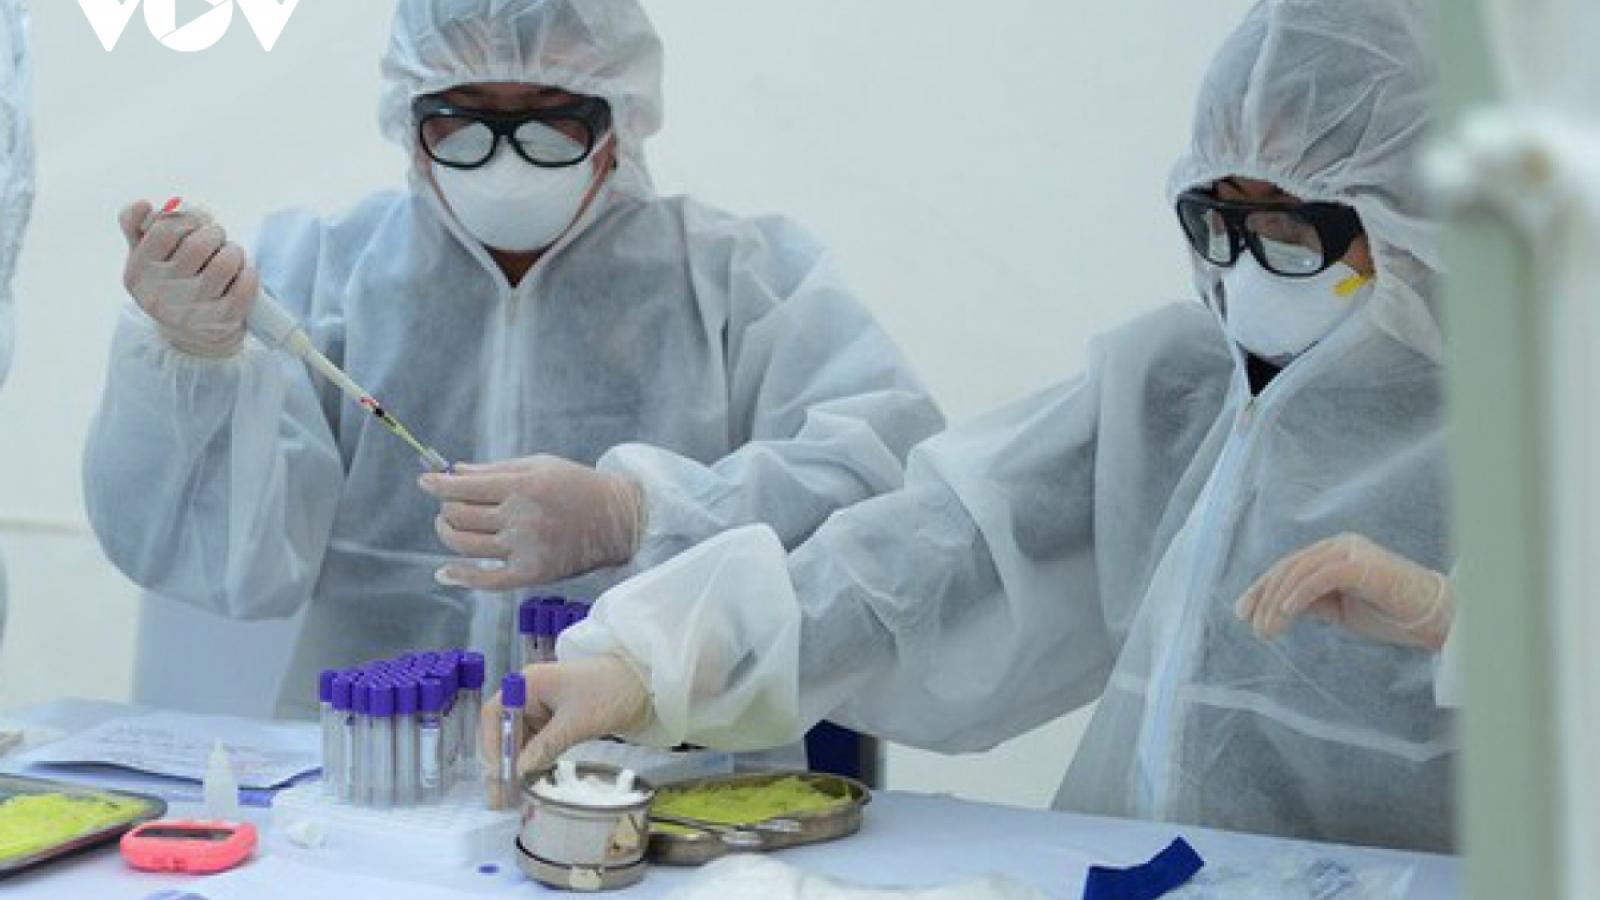 5 Bệnh viện lớn sẵn sàng cấp cứu tai biến sau tiêm vaccine Covid-14